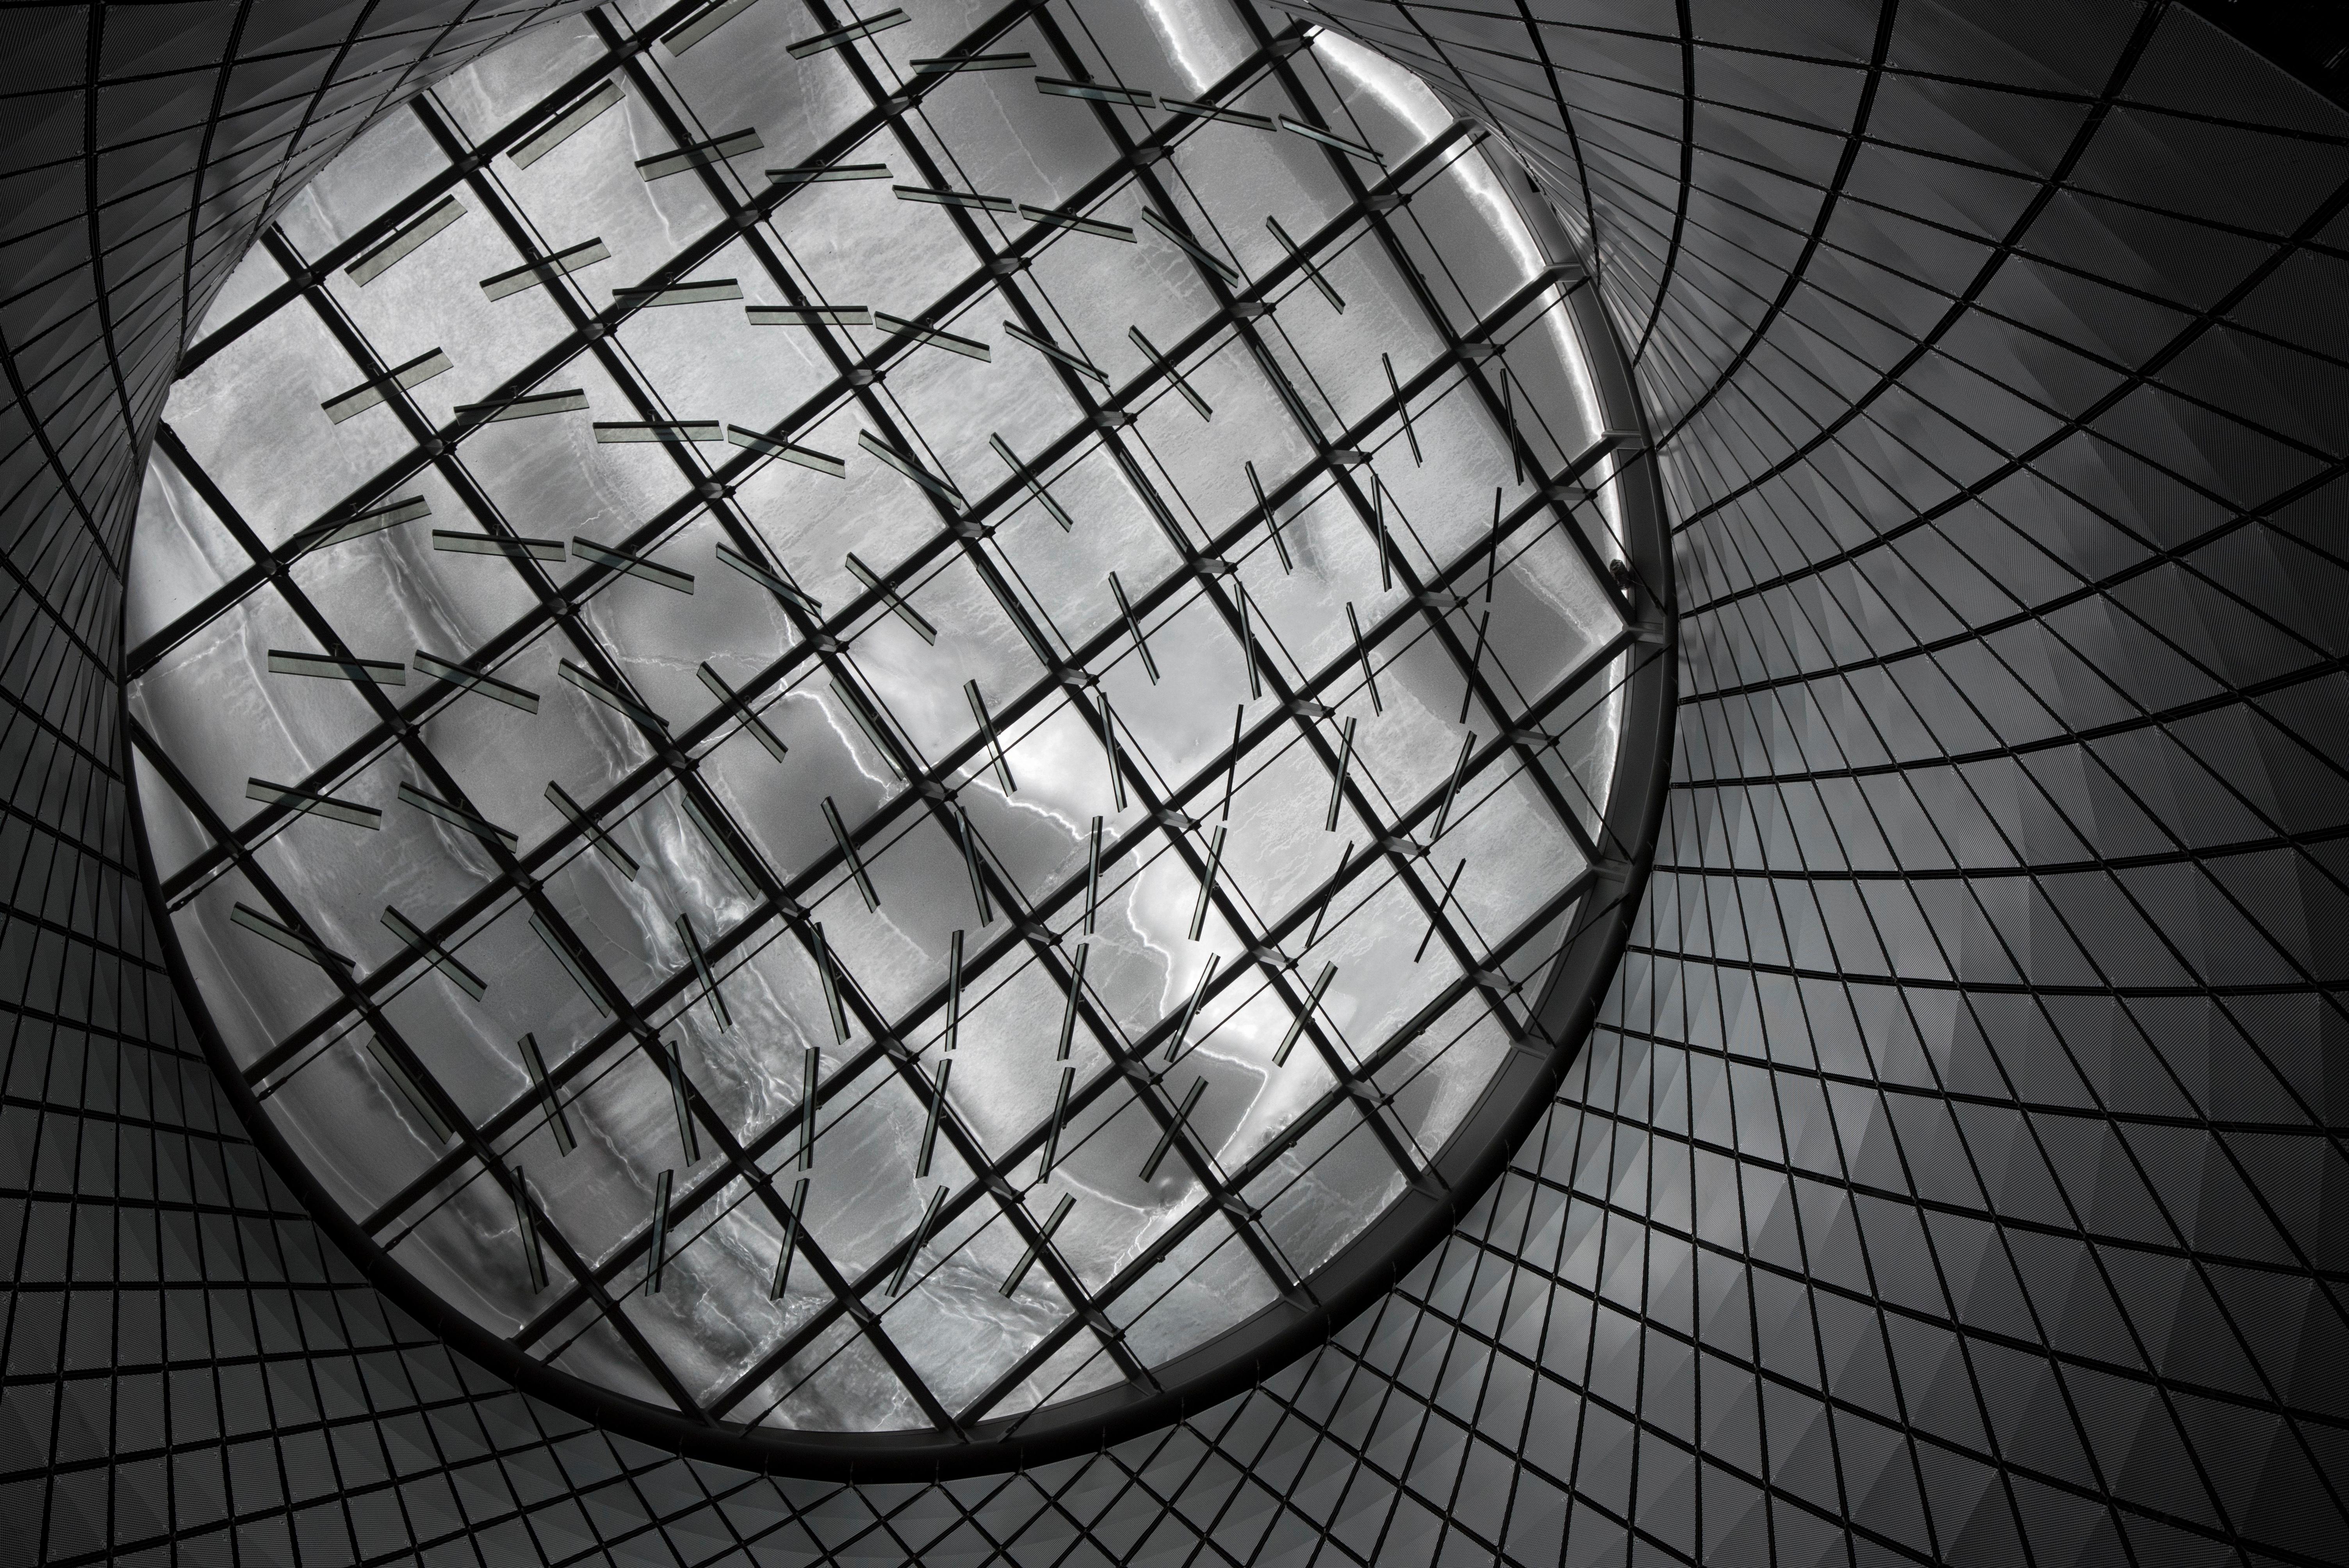 Spiralförmige Konstruktion aus Glas und Metall.